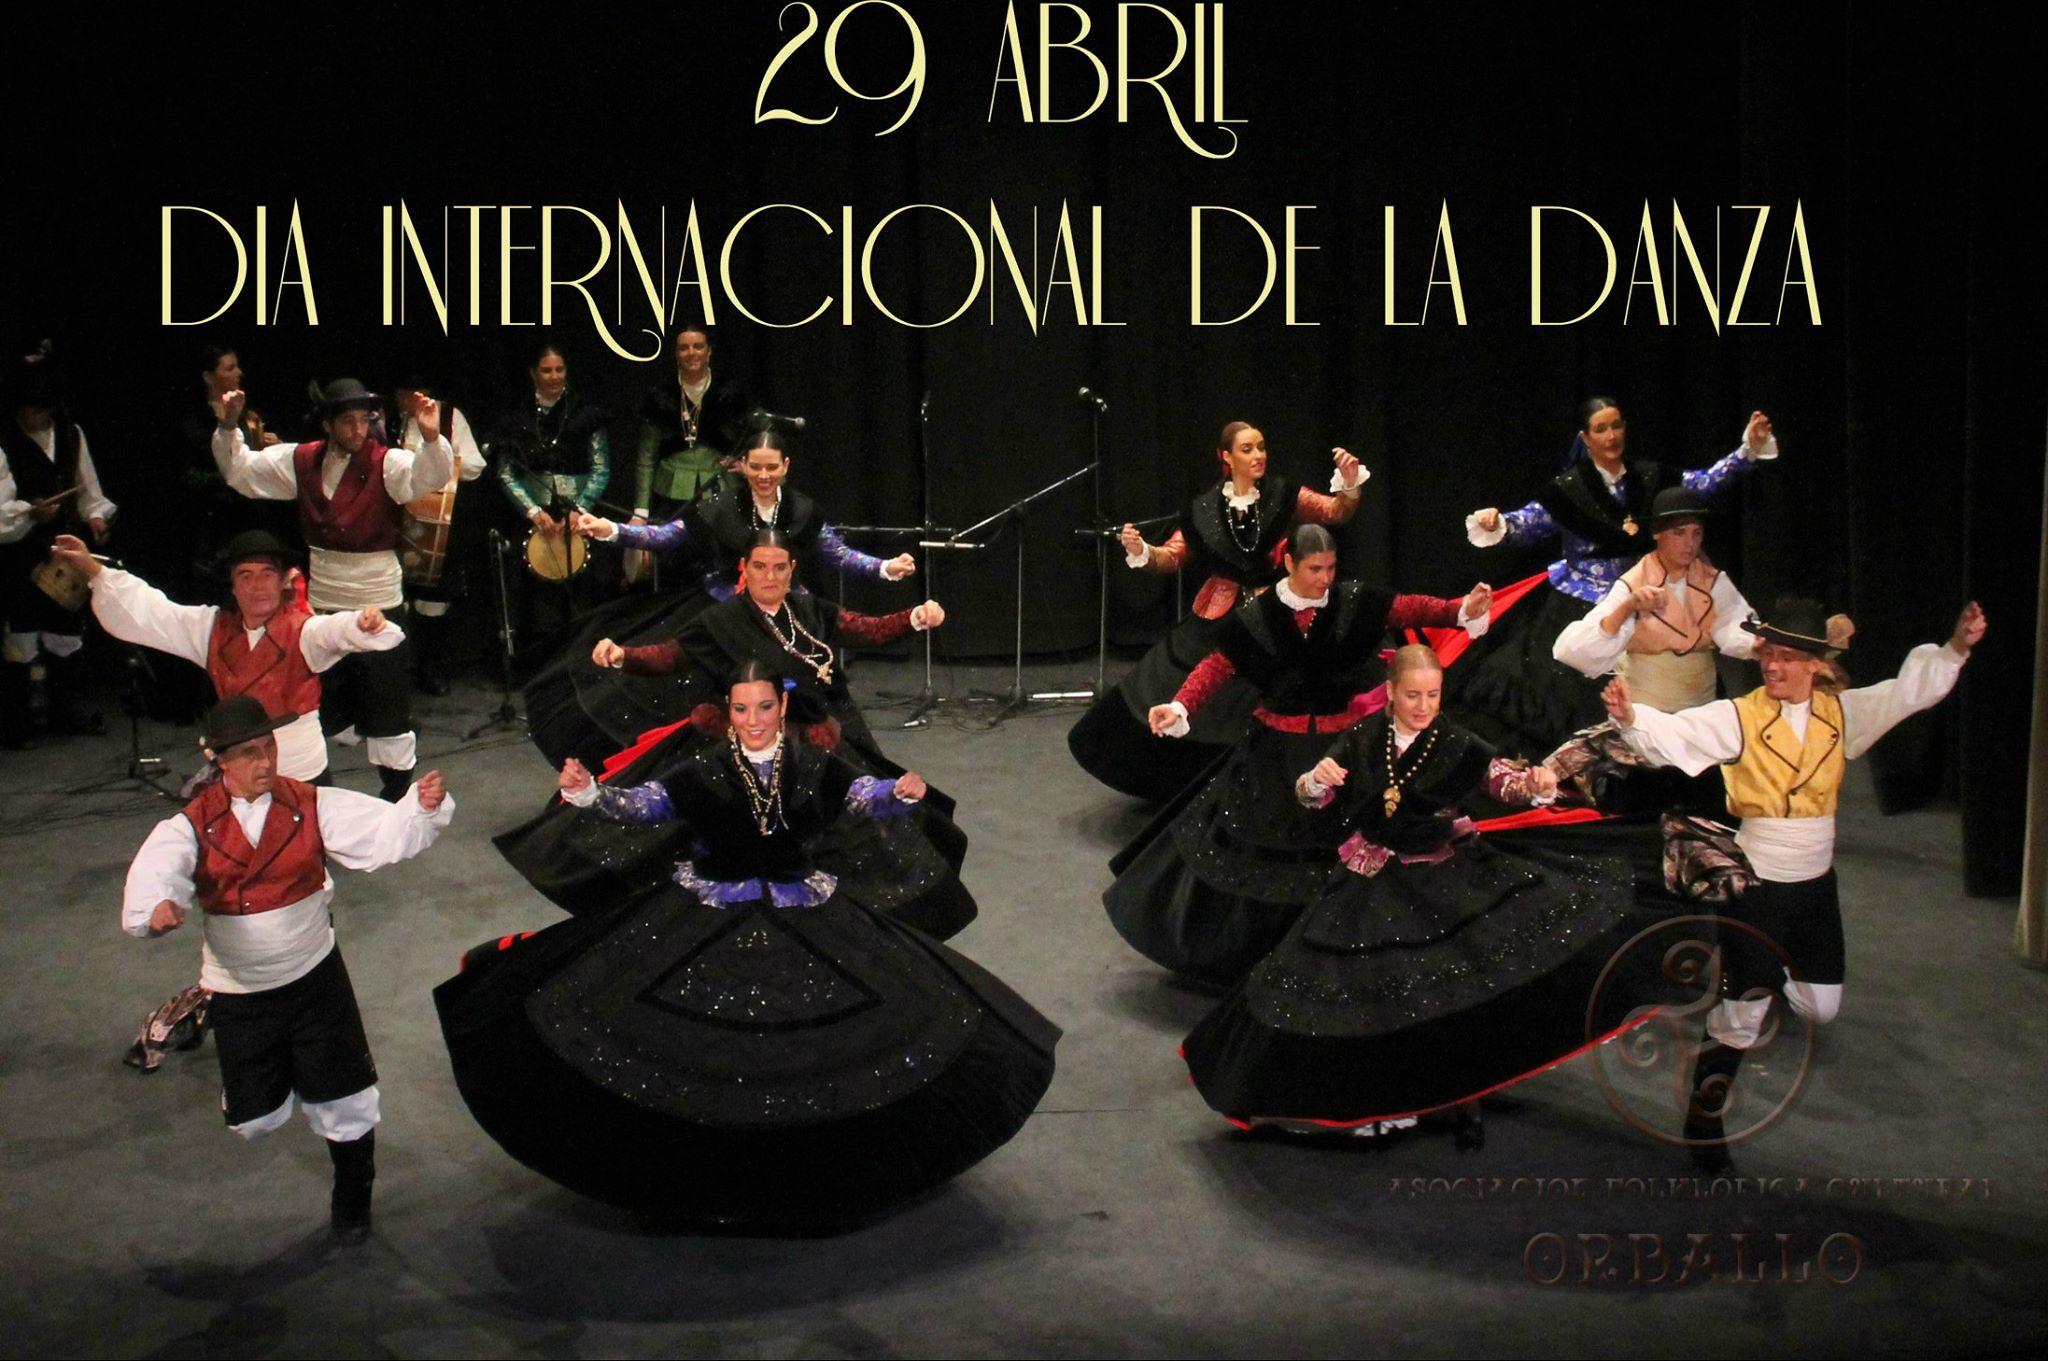 dia de la danza 2